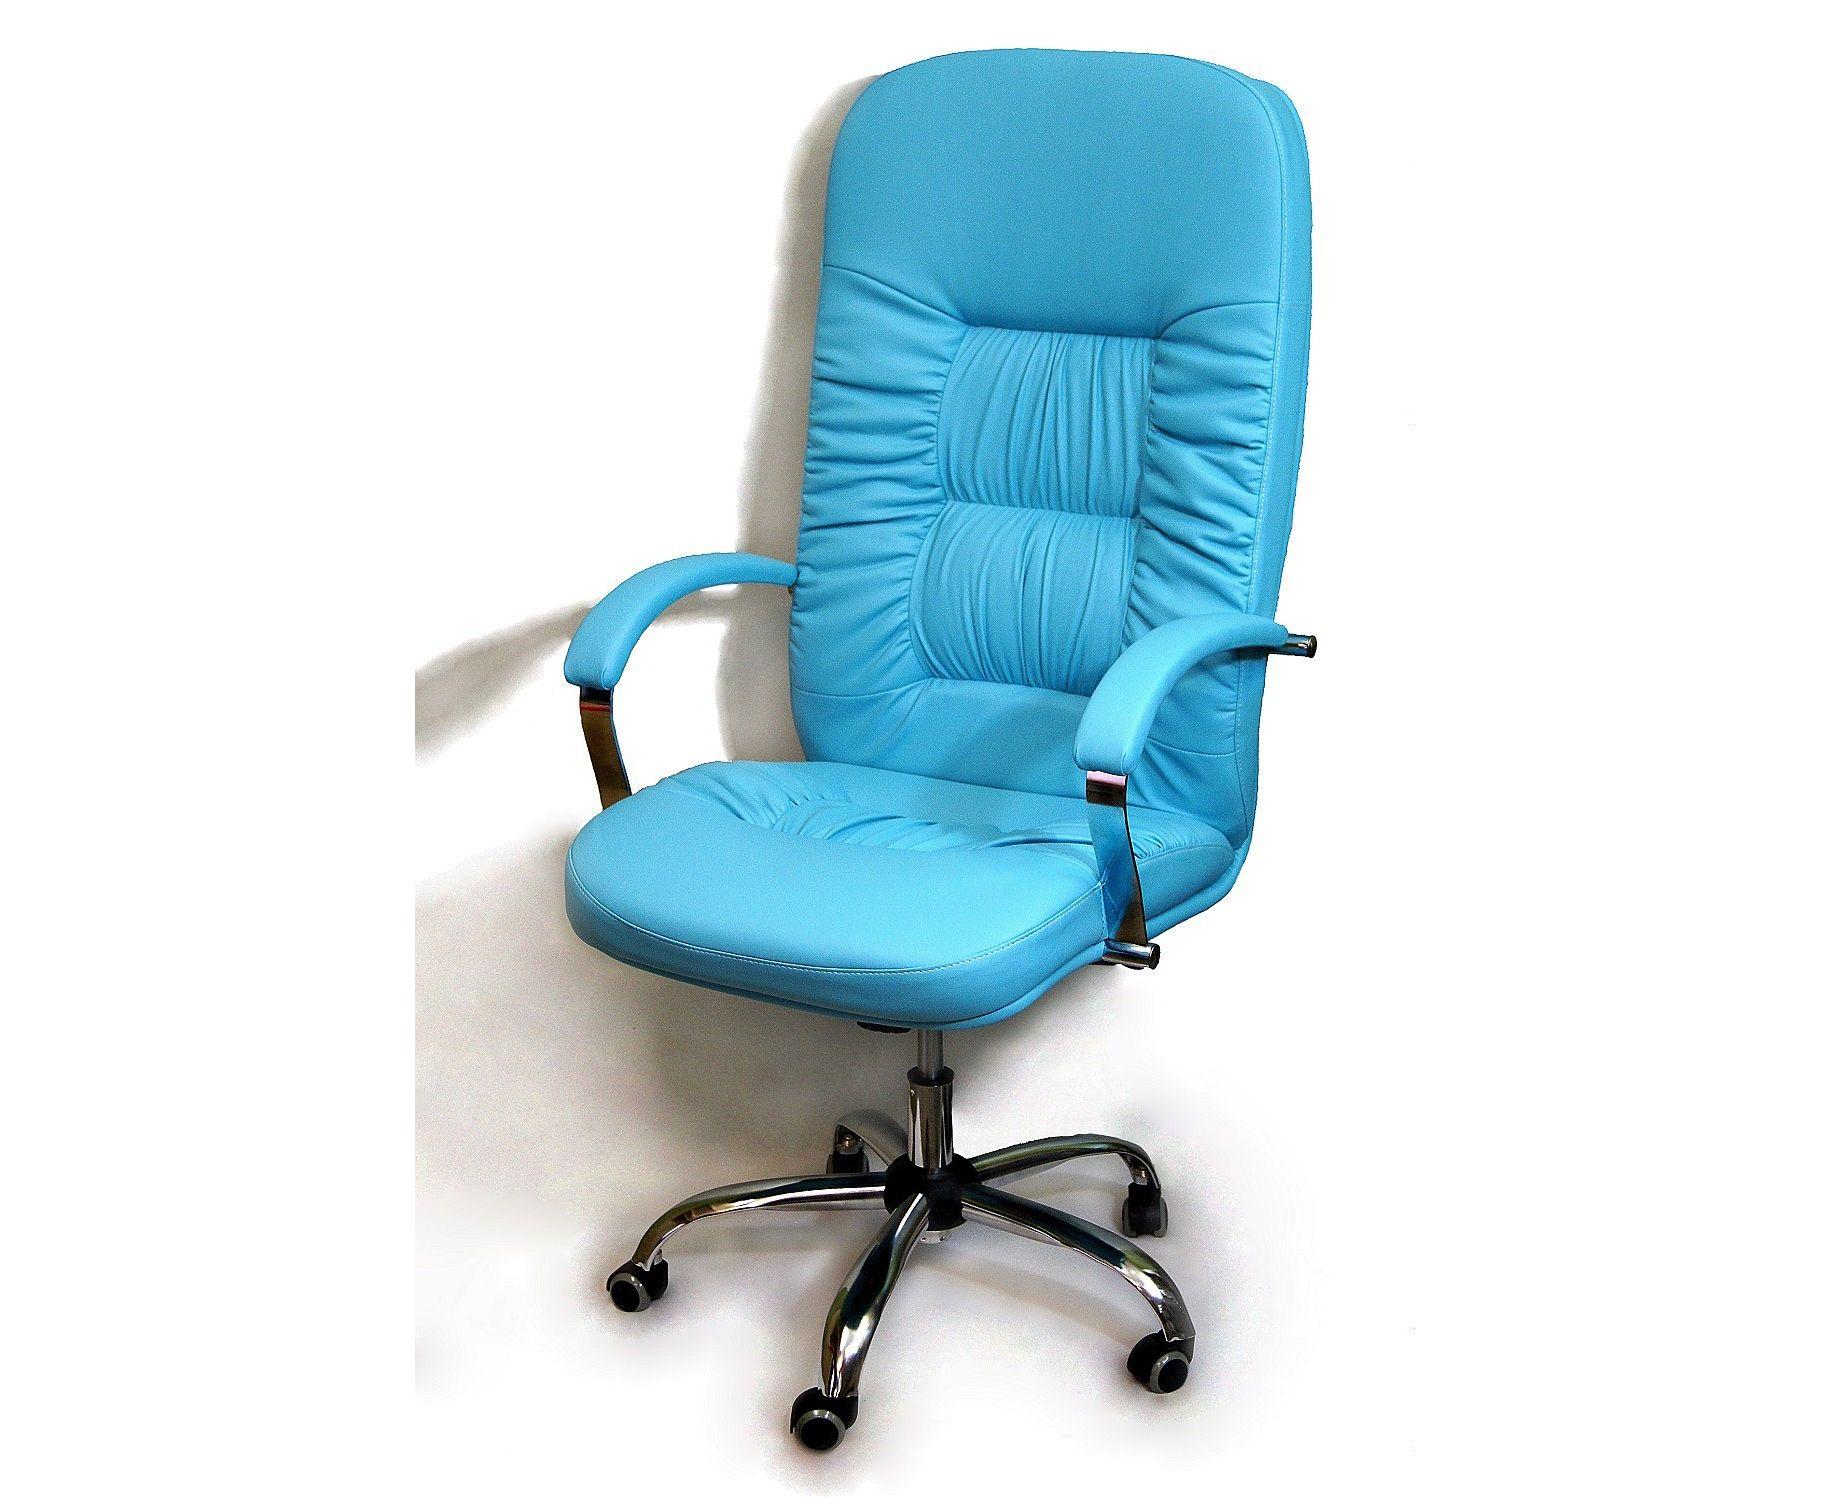 кресло для руководителя болеро фото можно